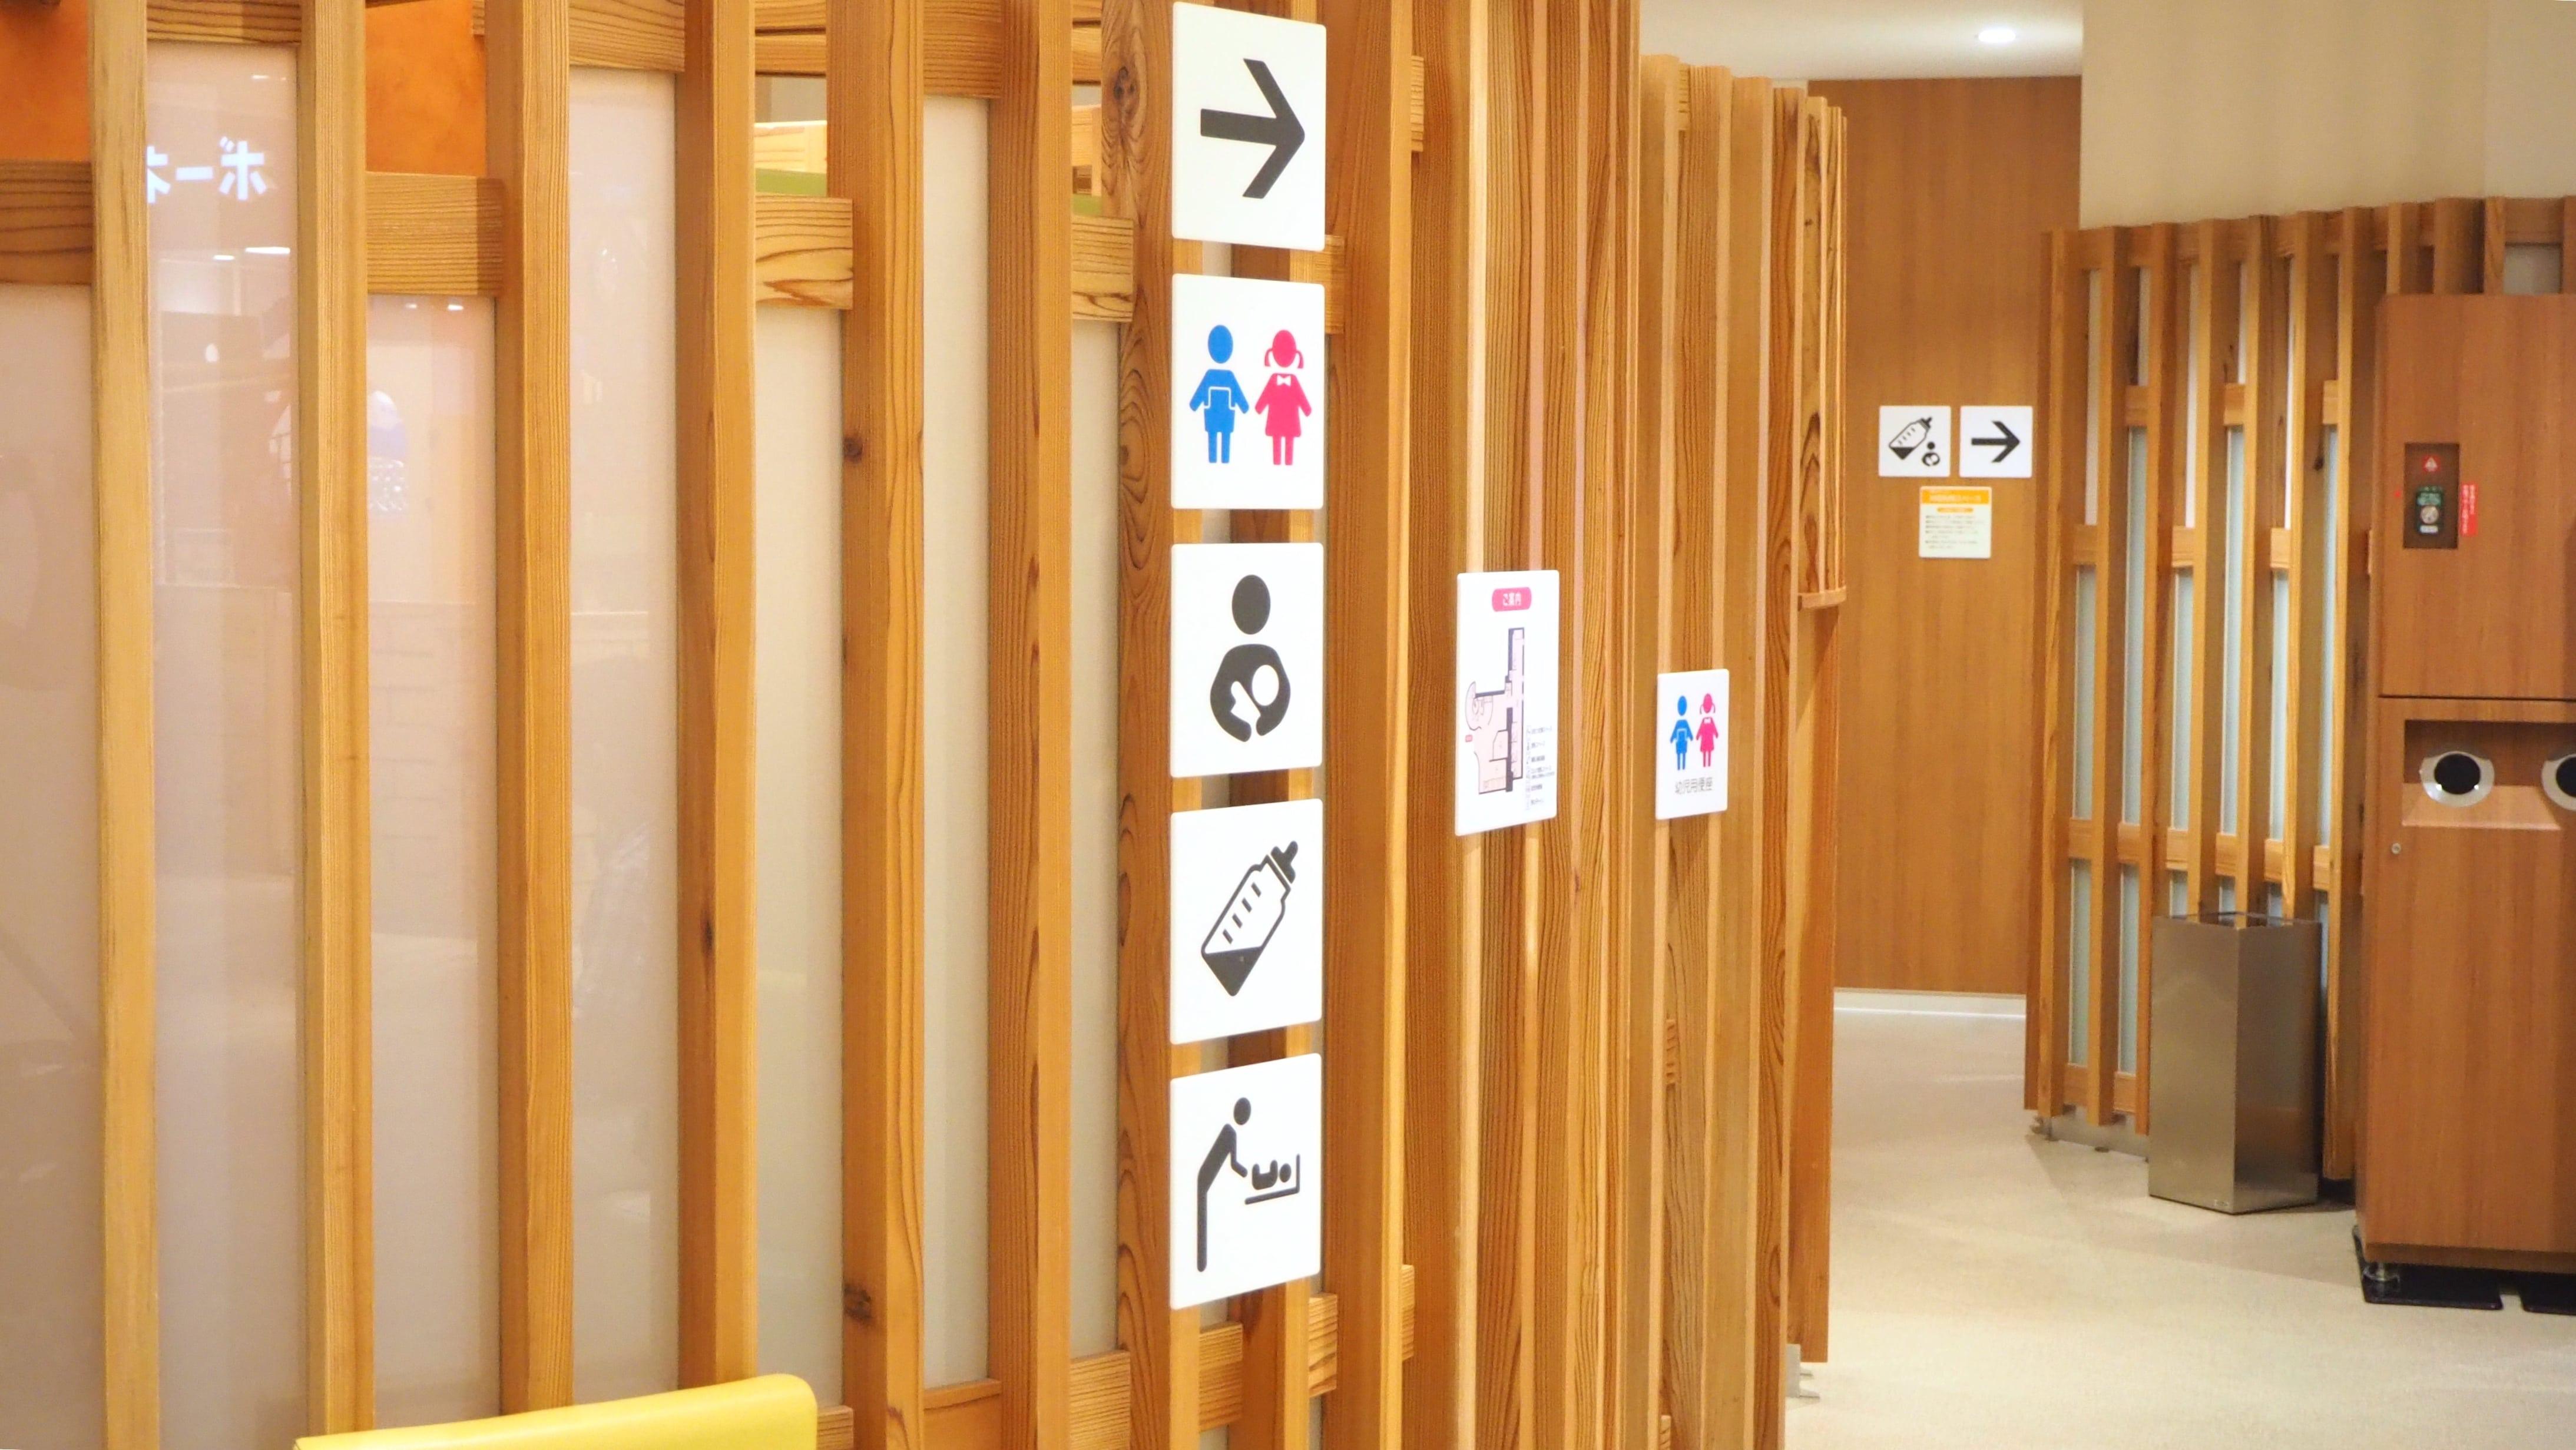 赤ちゃん連れのおでかけに!名古屋駅周辺の授乳室情報まとめ - junyu8